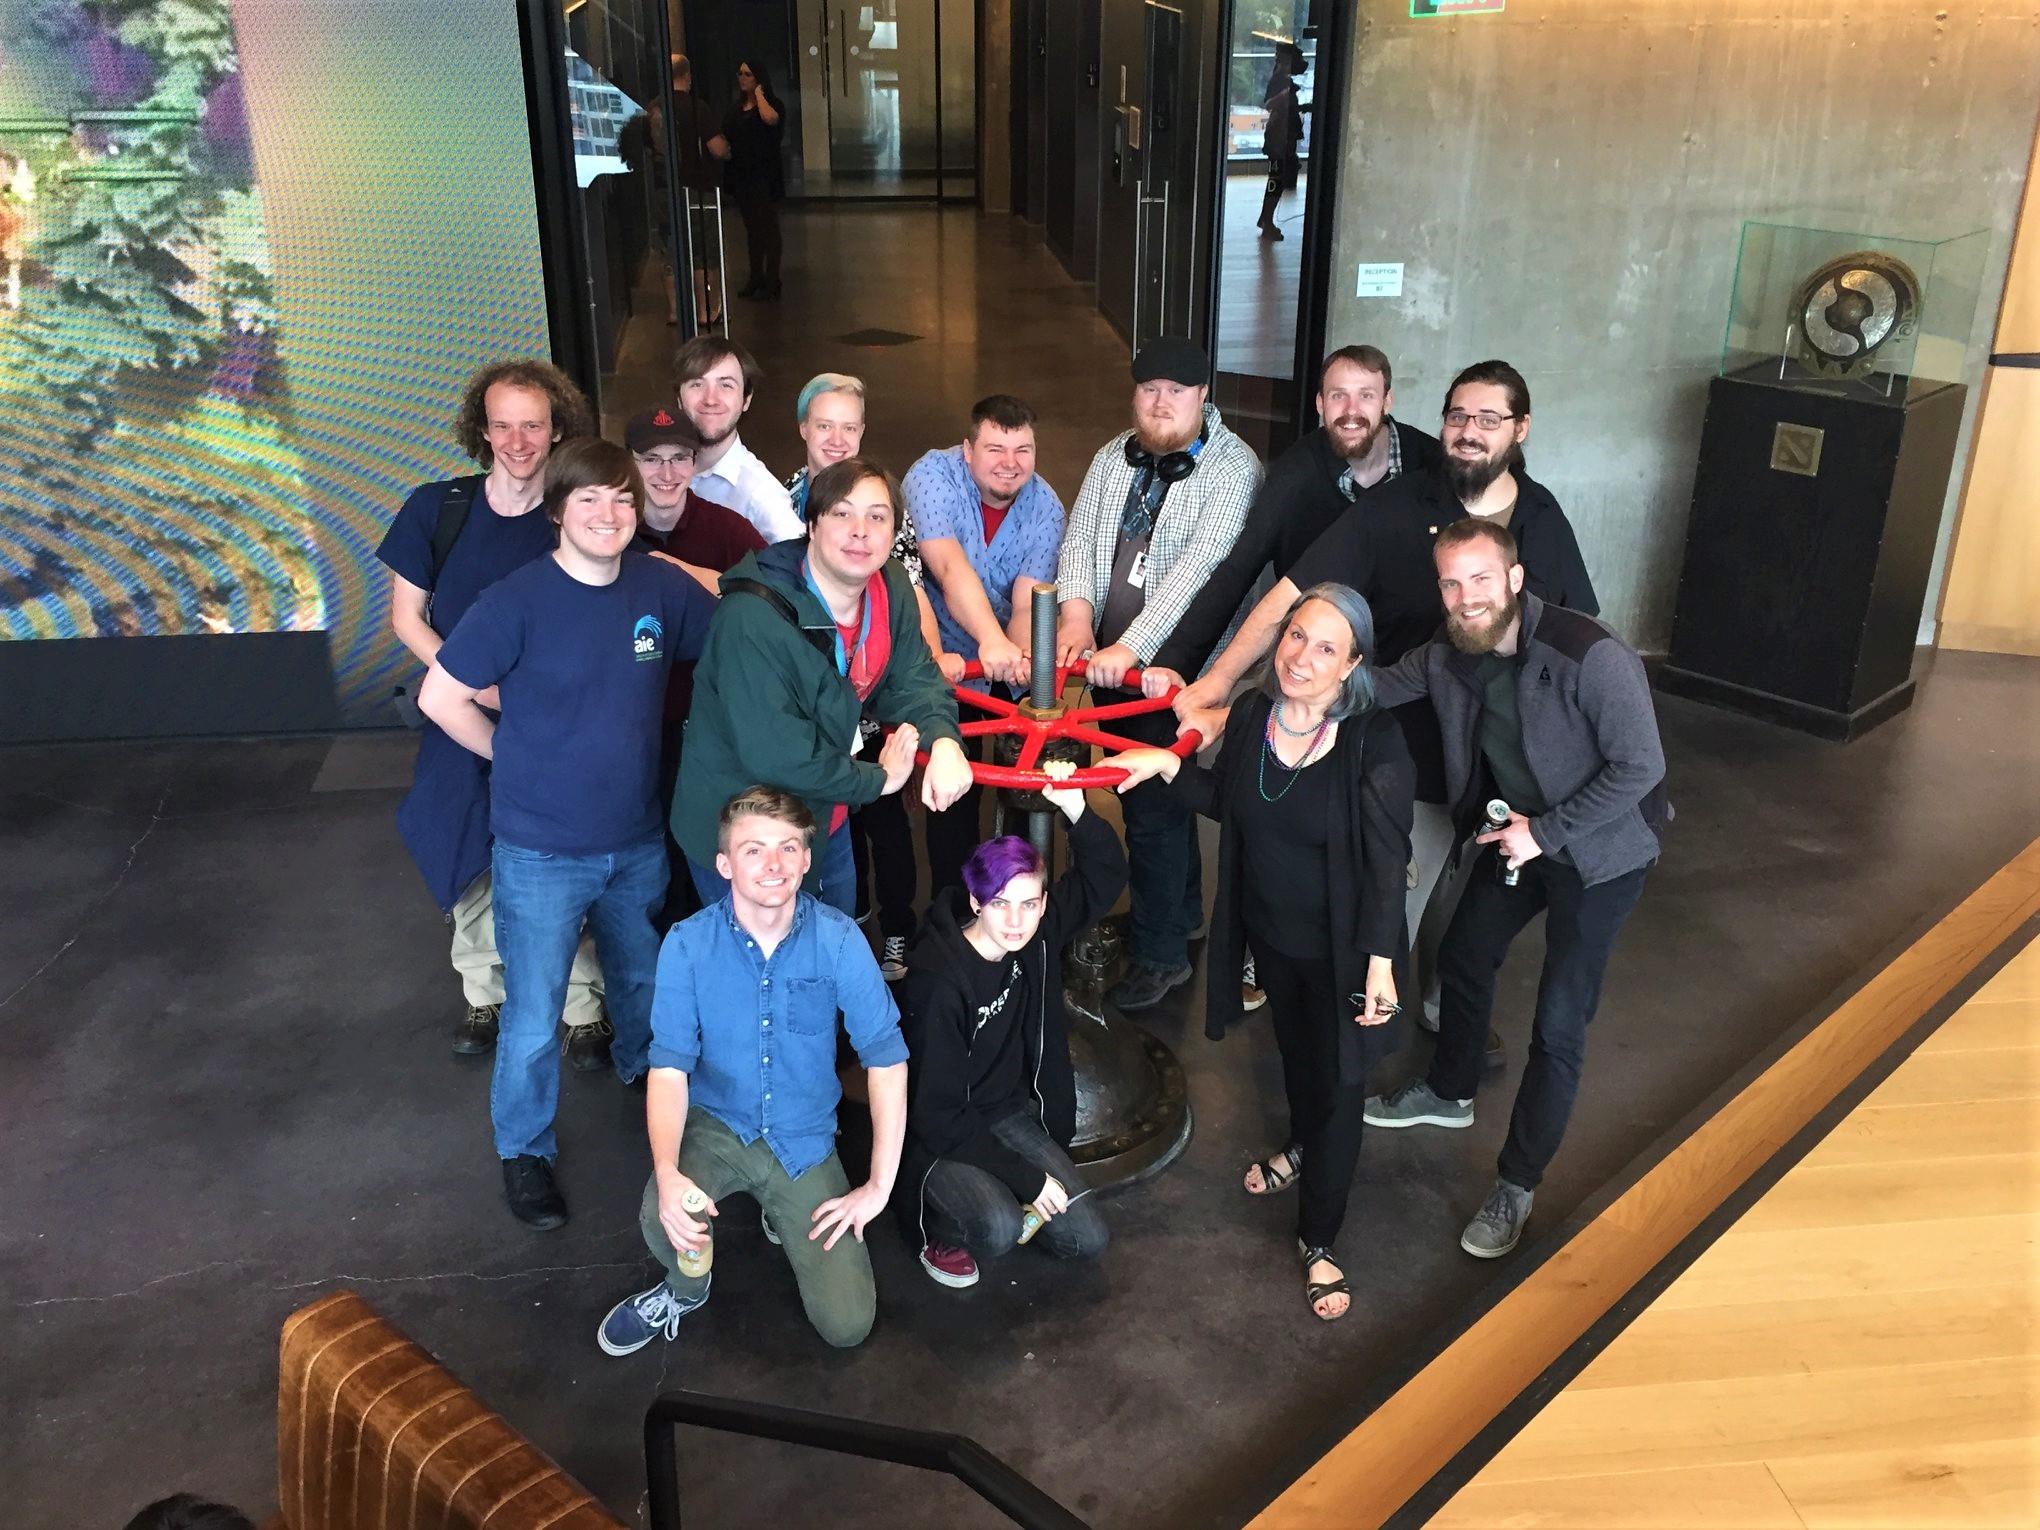 A Tour Inside Valve Headquaters 02 | AIE Seattle